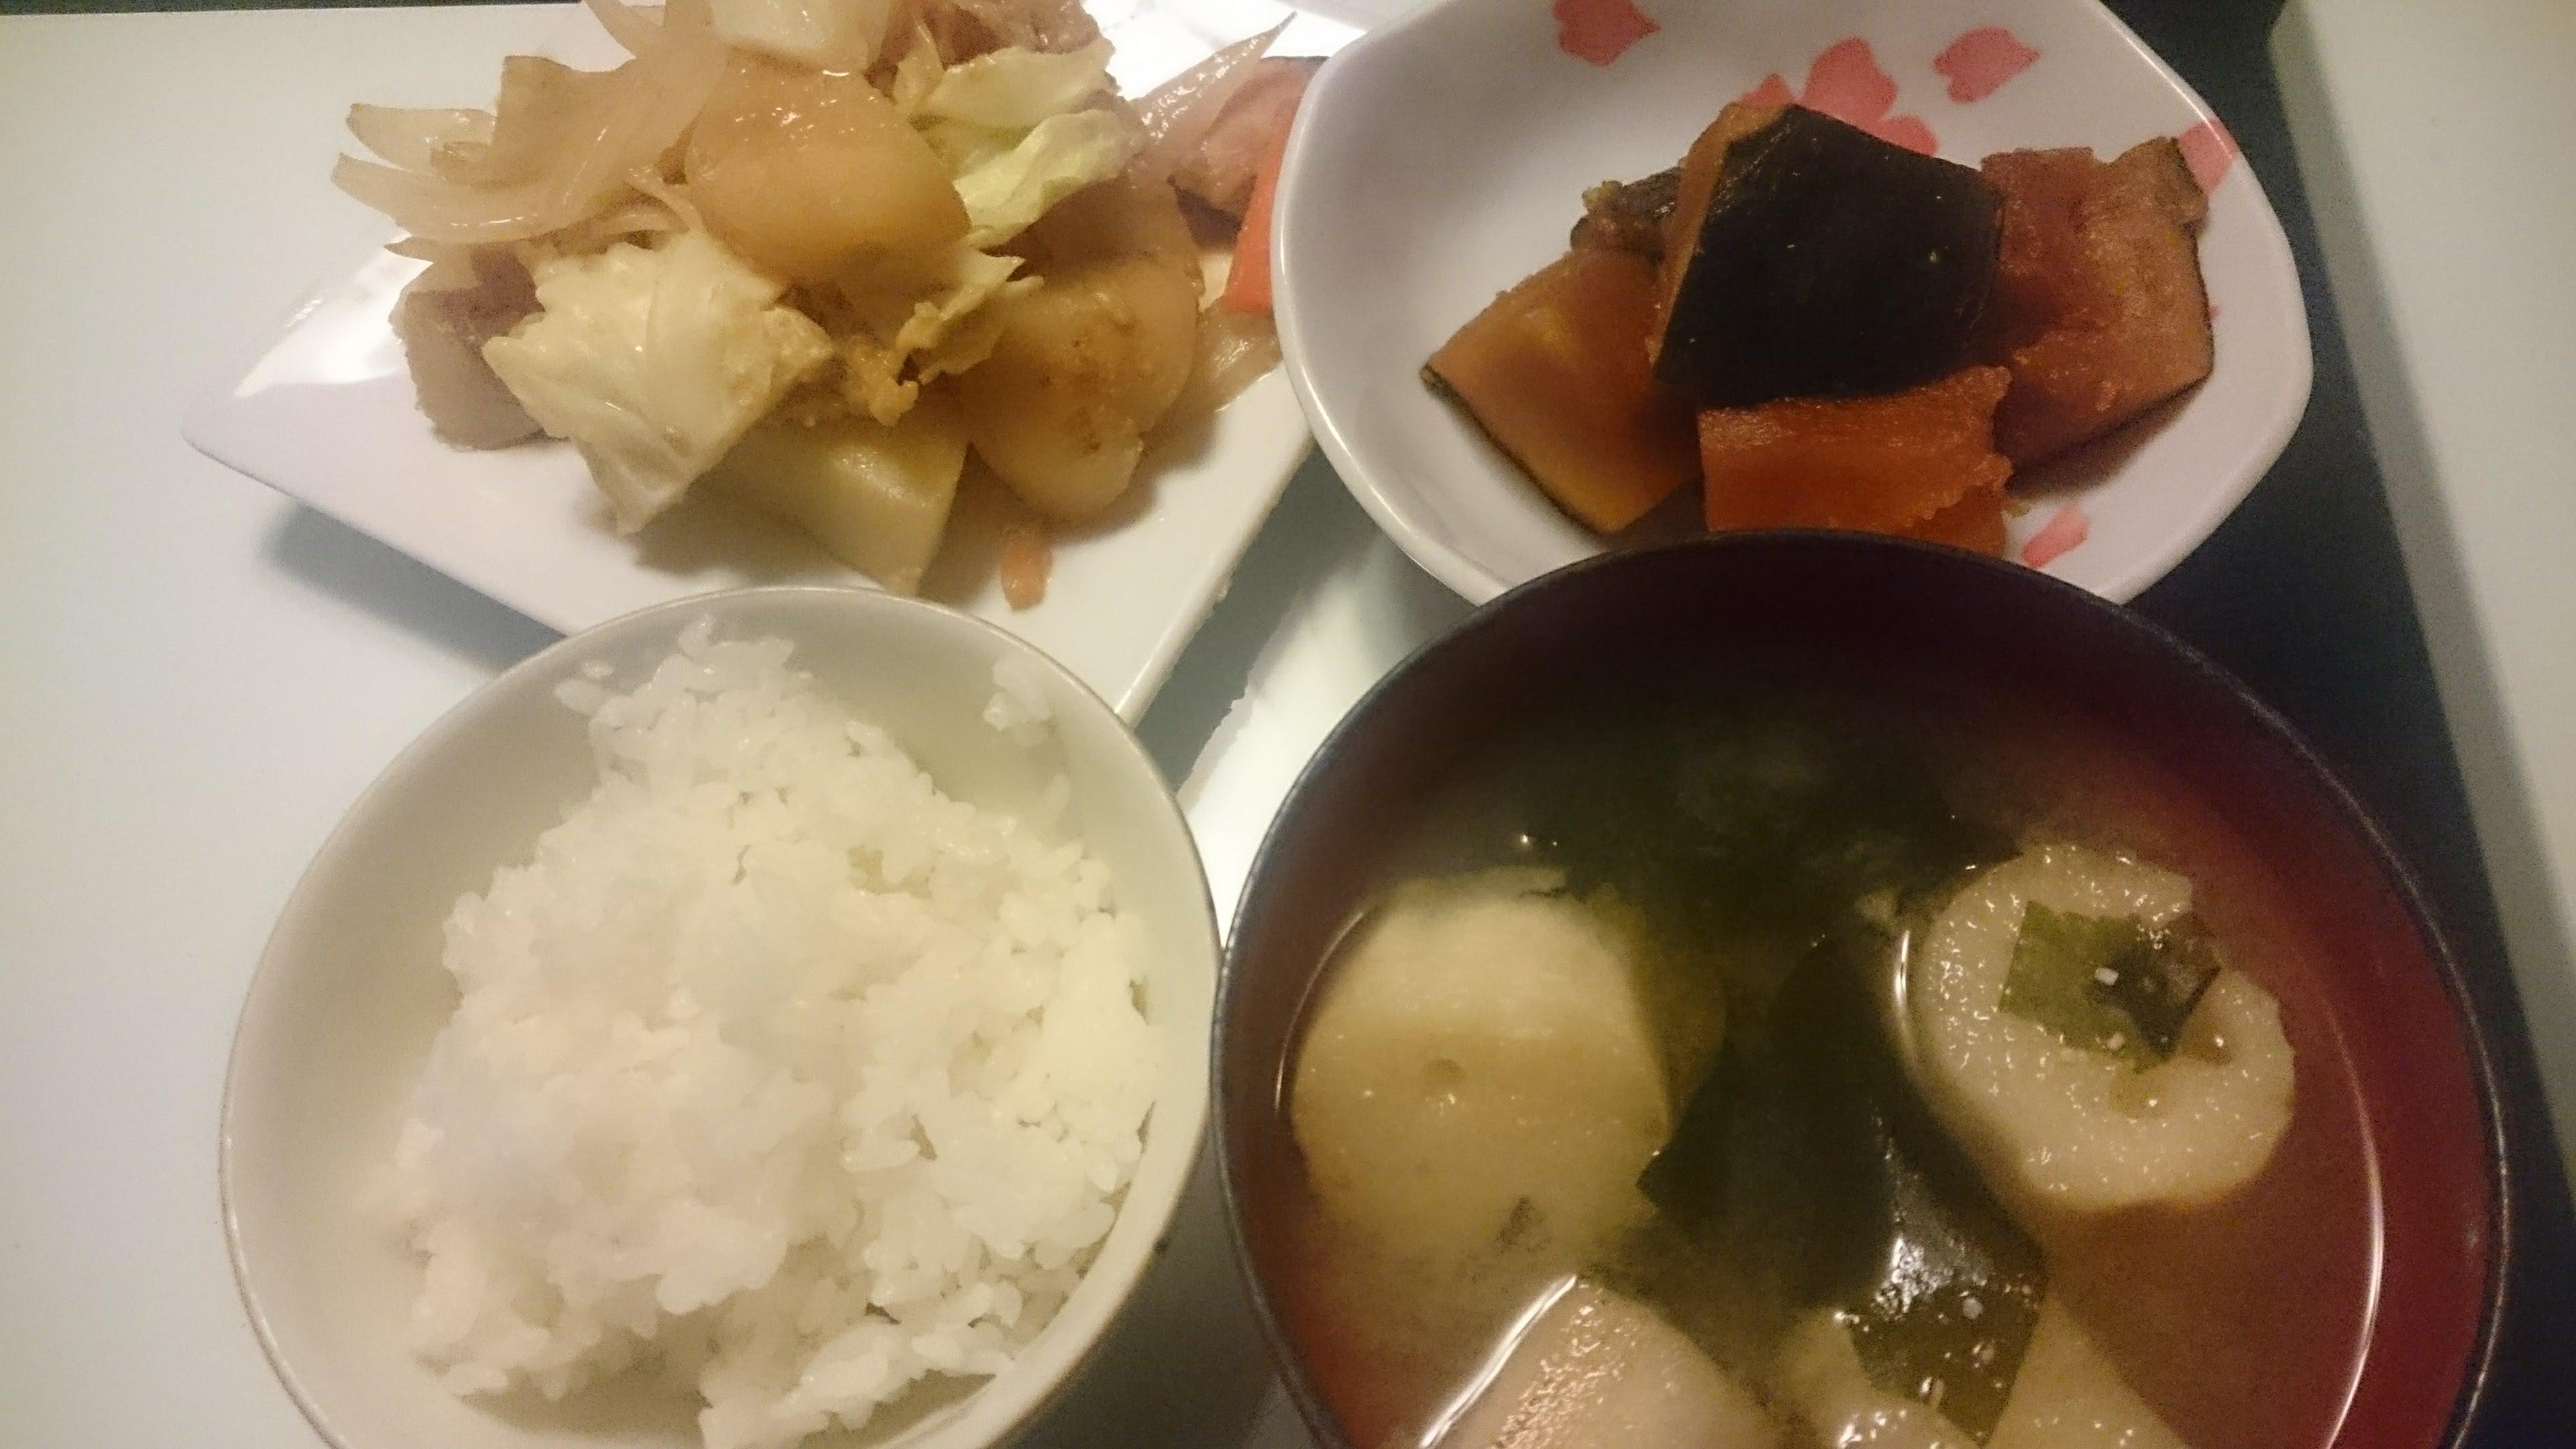 鮭のちゃんちゃん焼き+かぼちゃ煮